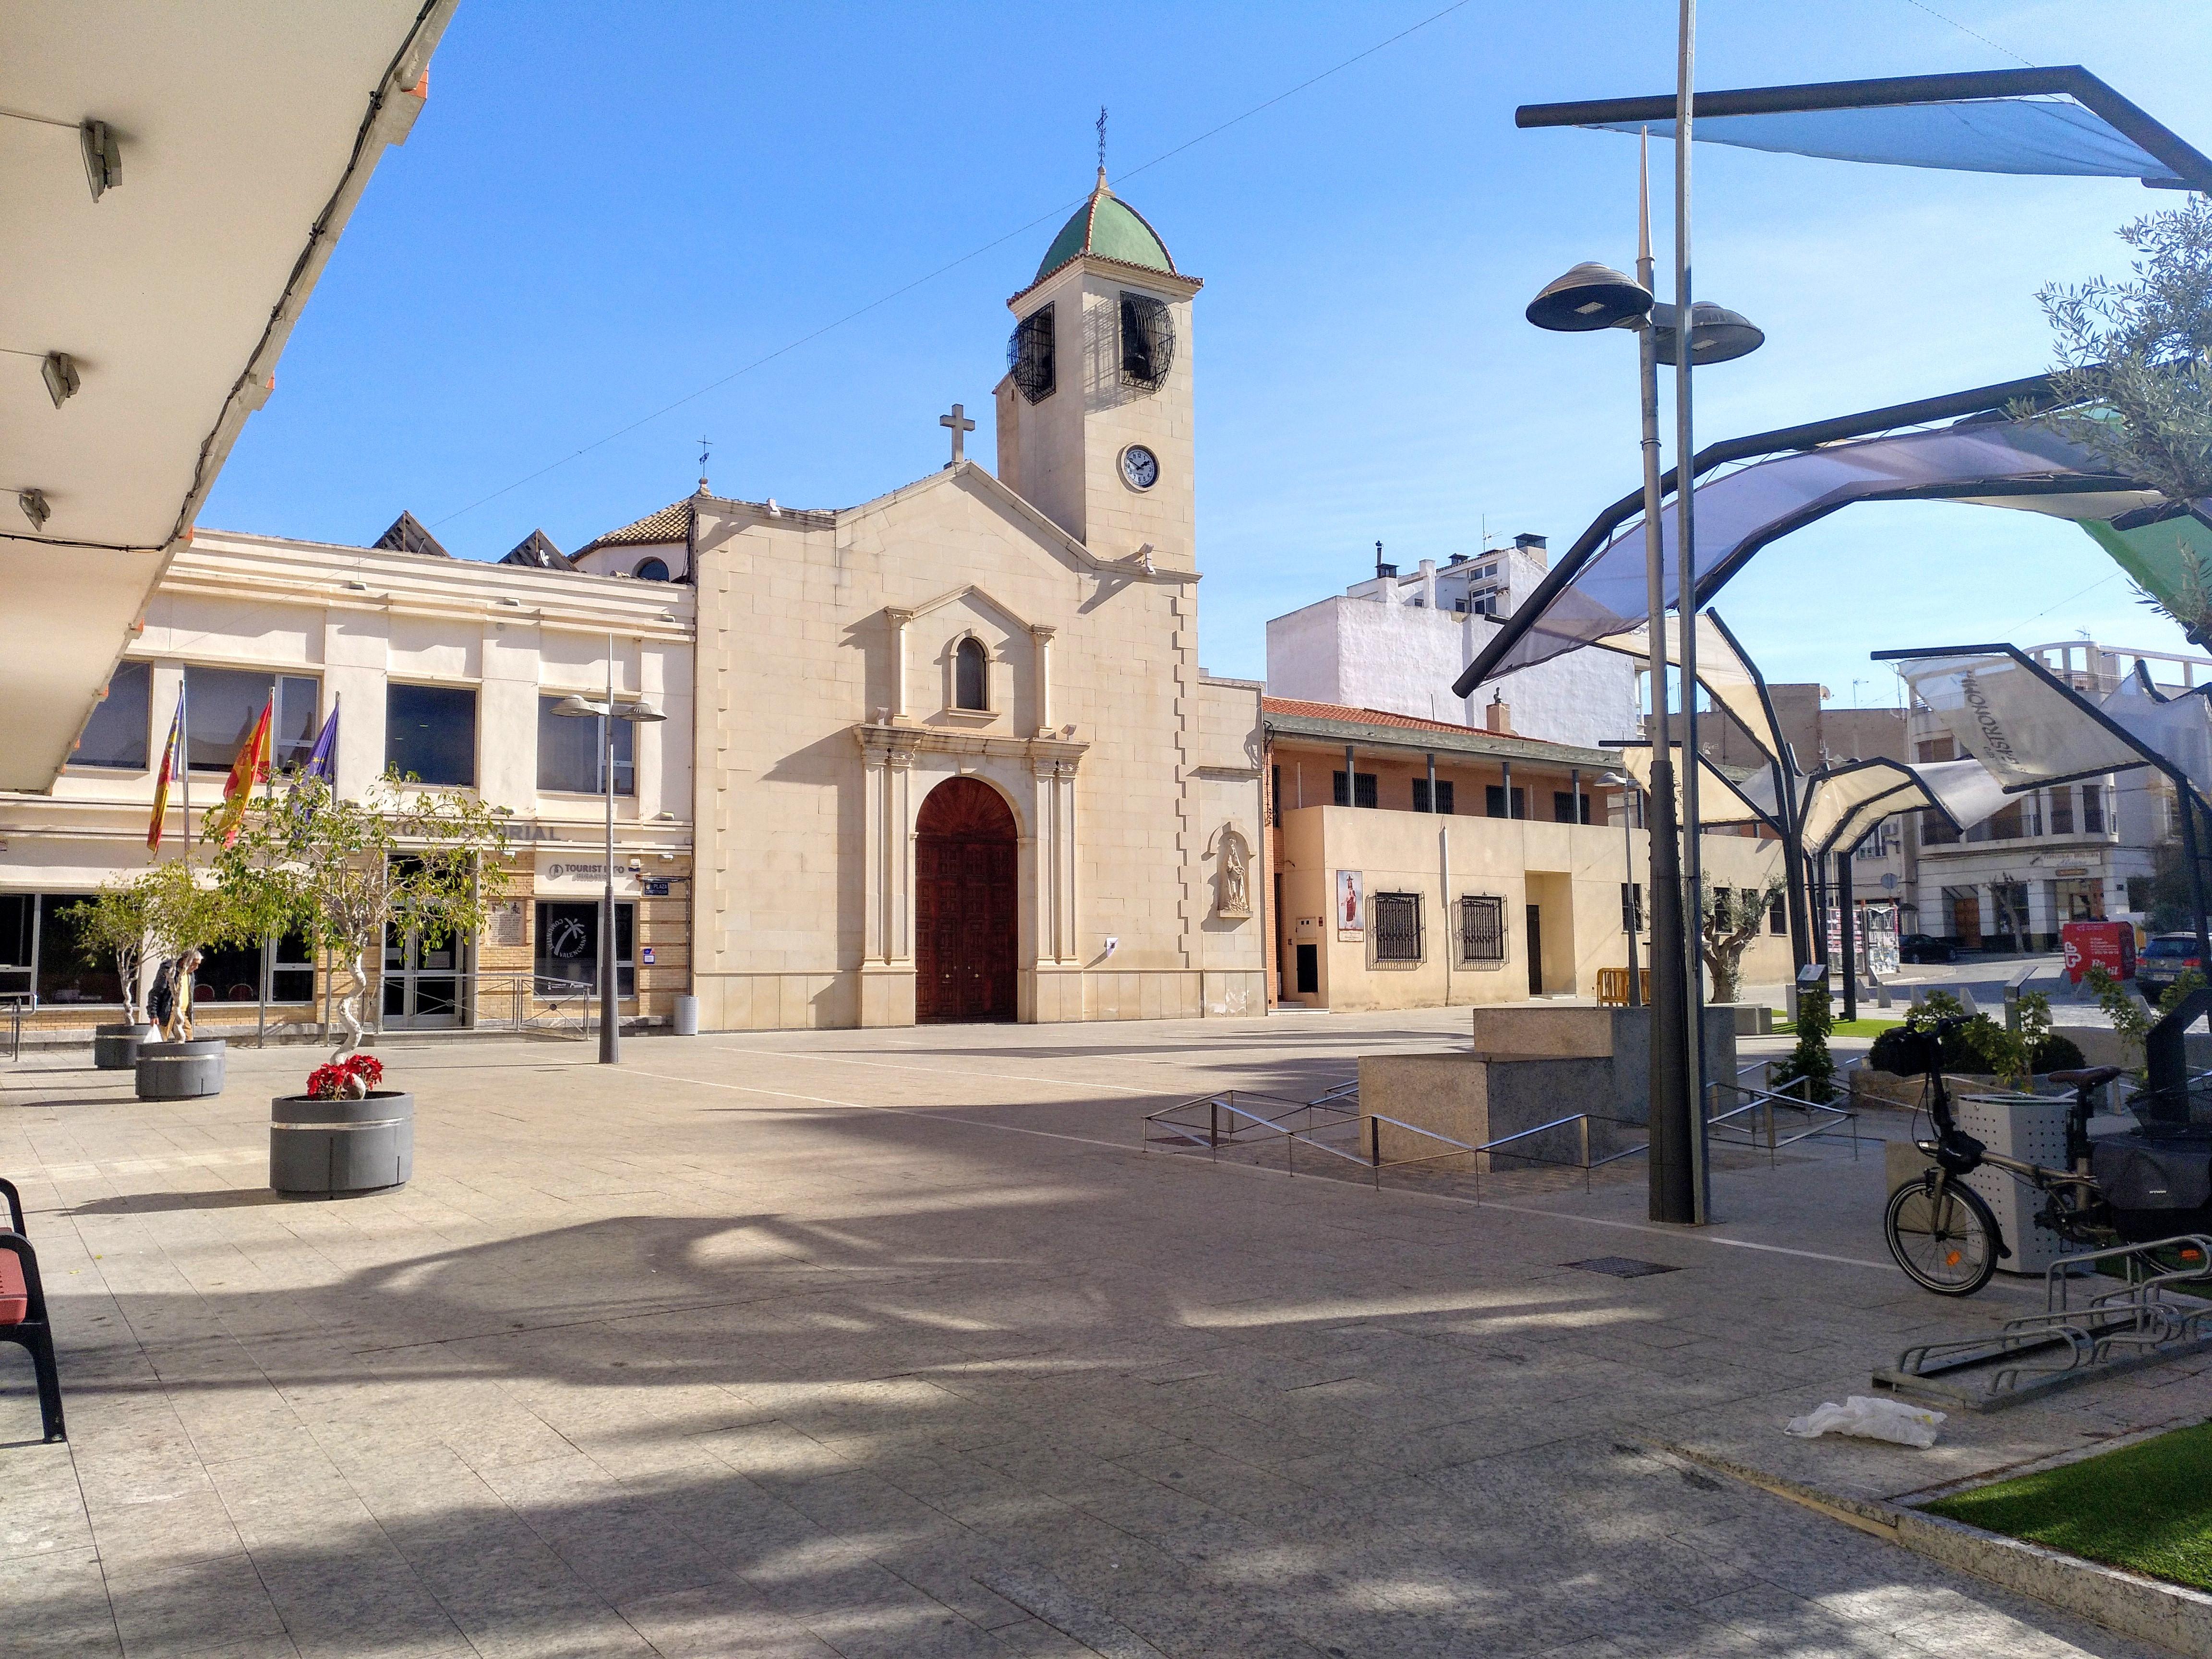 Iglesia parroquial Ntra. Sra. de Belén